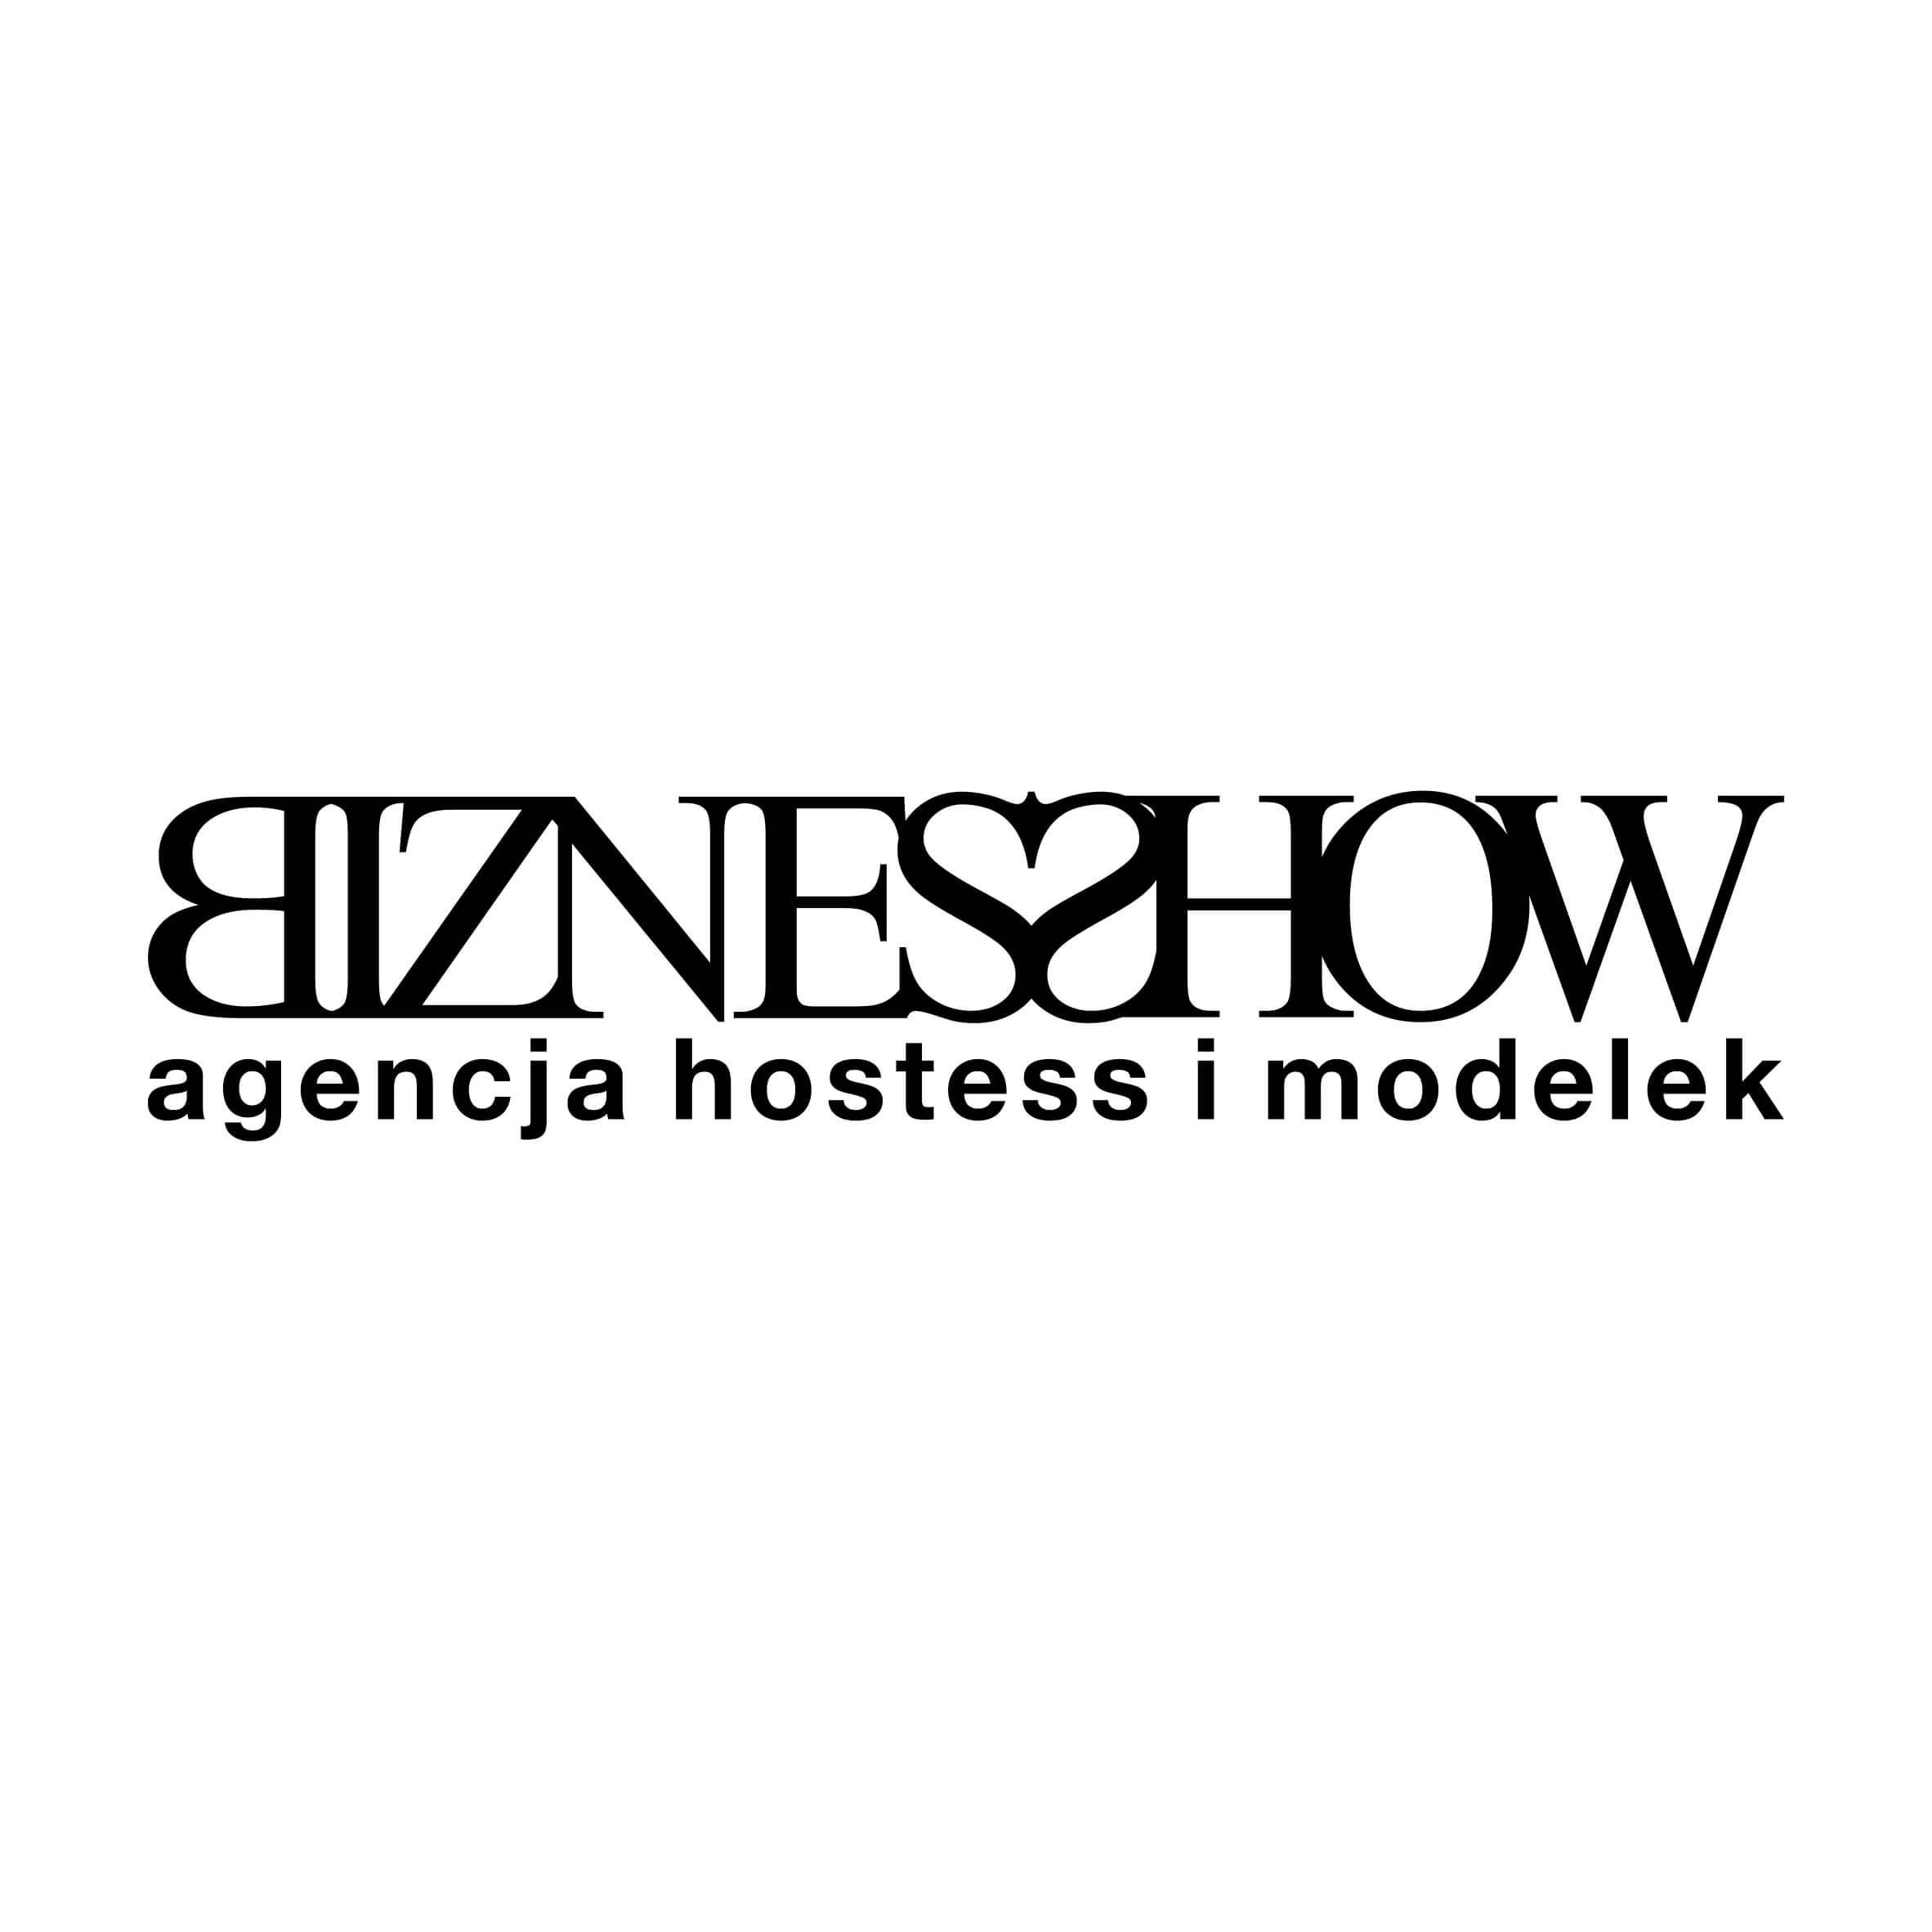 Bizneshow - agencja modelek